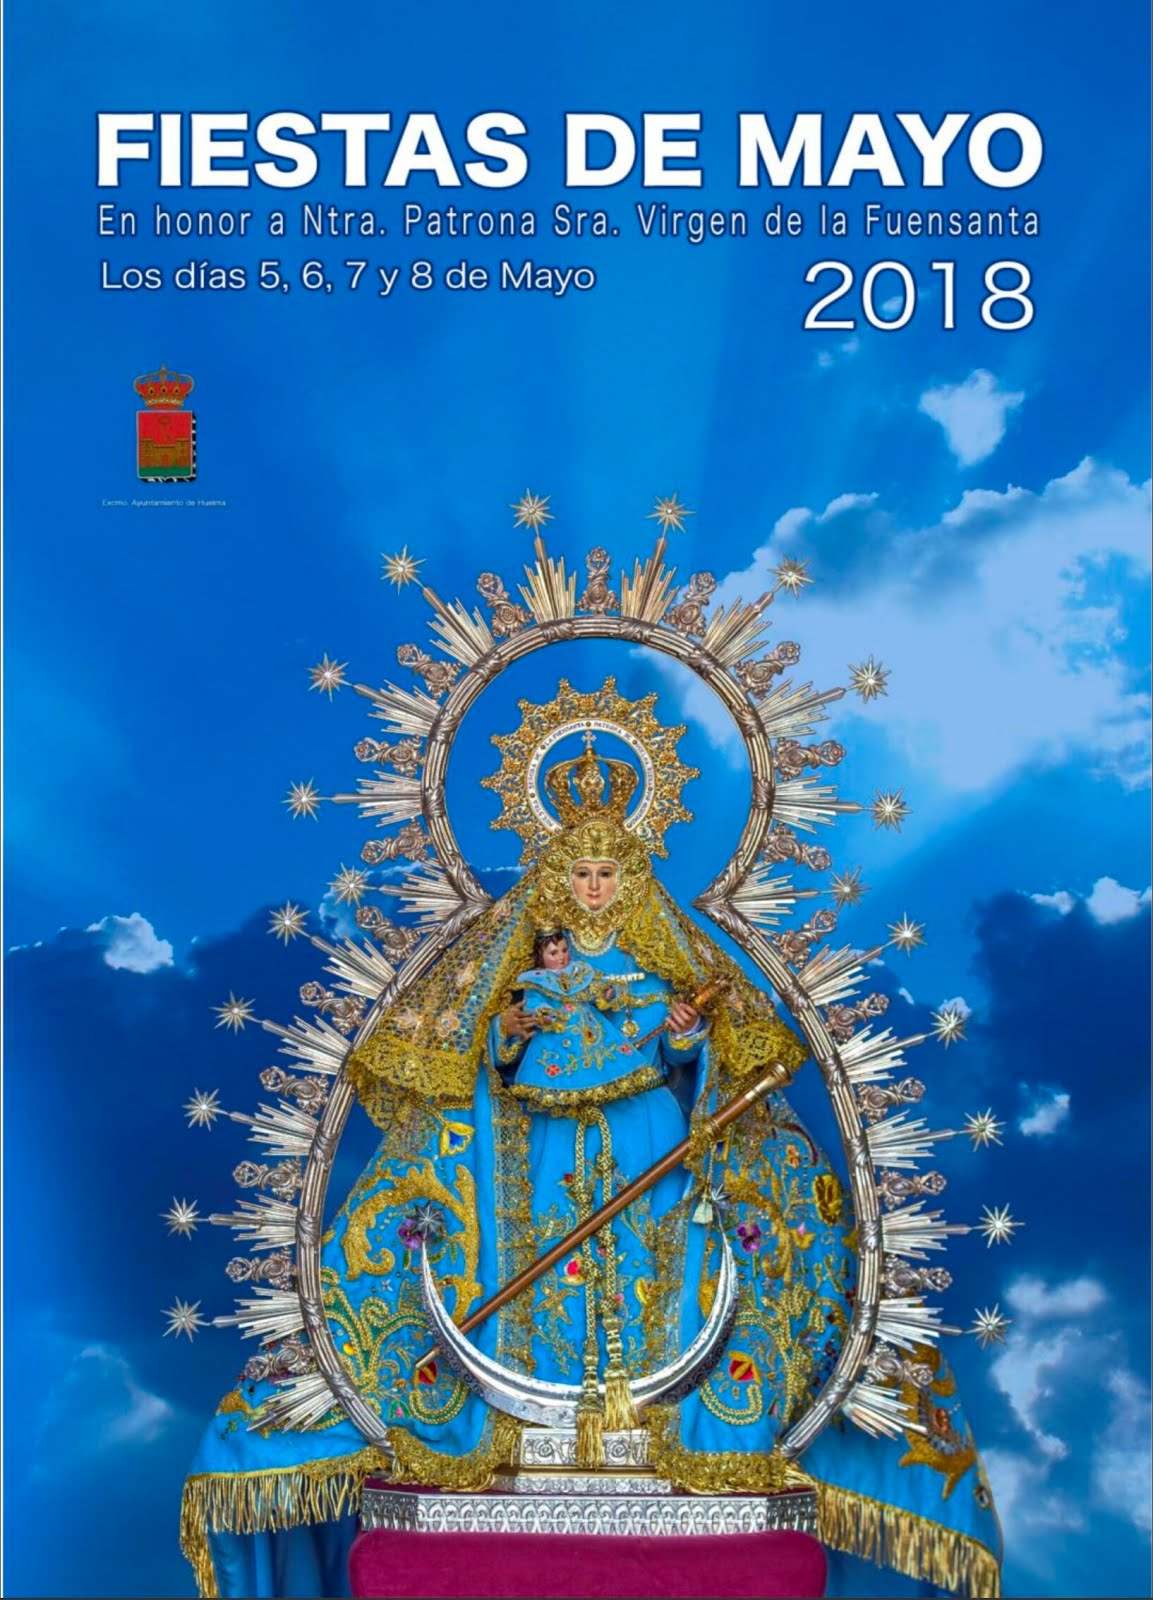 FIESTAS DE MAYO 2018